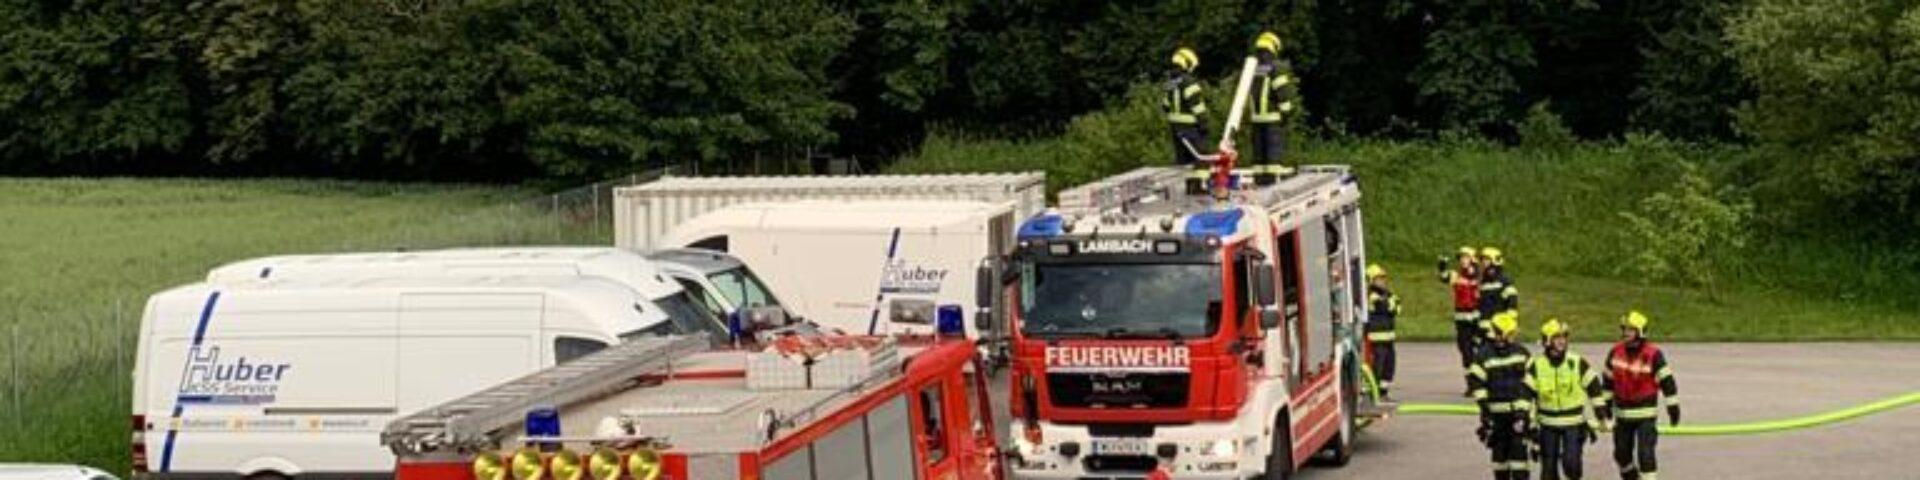 Freiwillige Feuerwehr Lambach